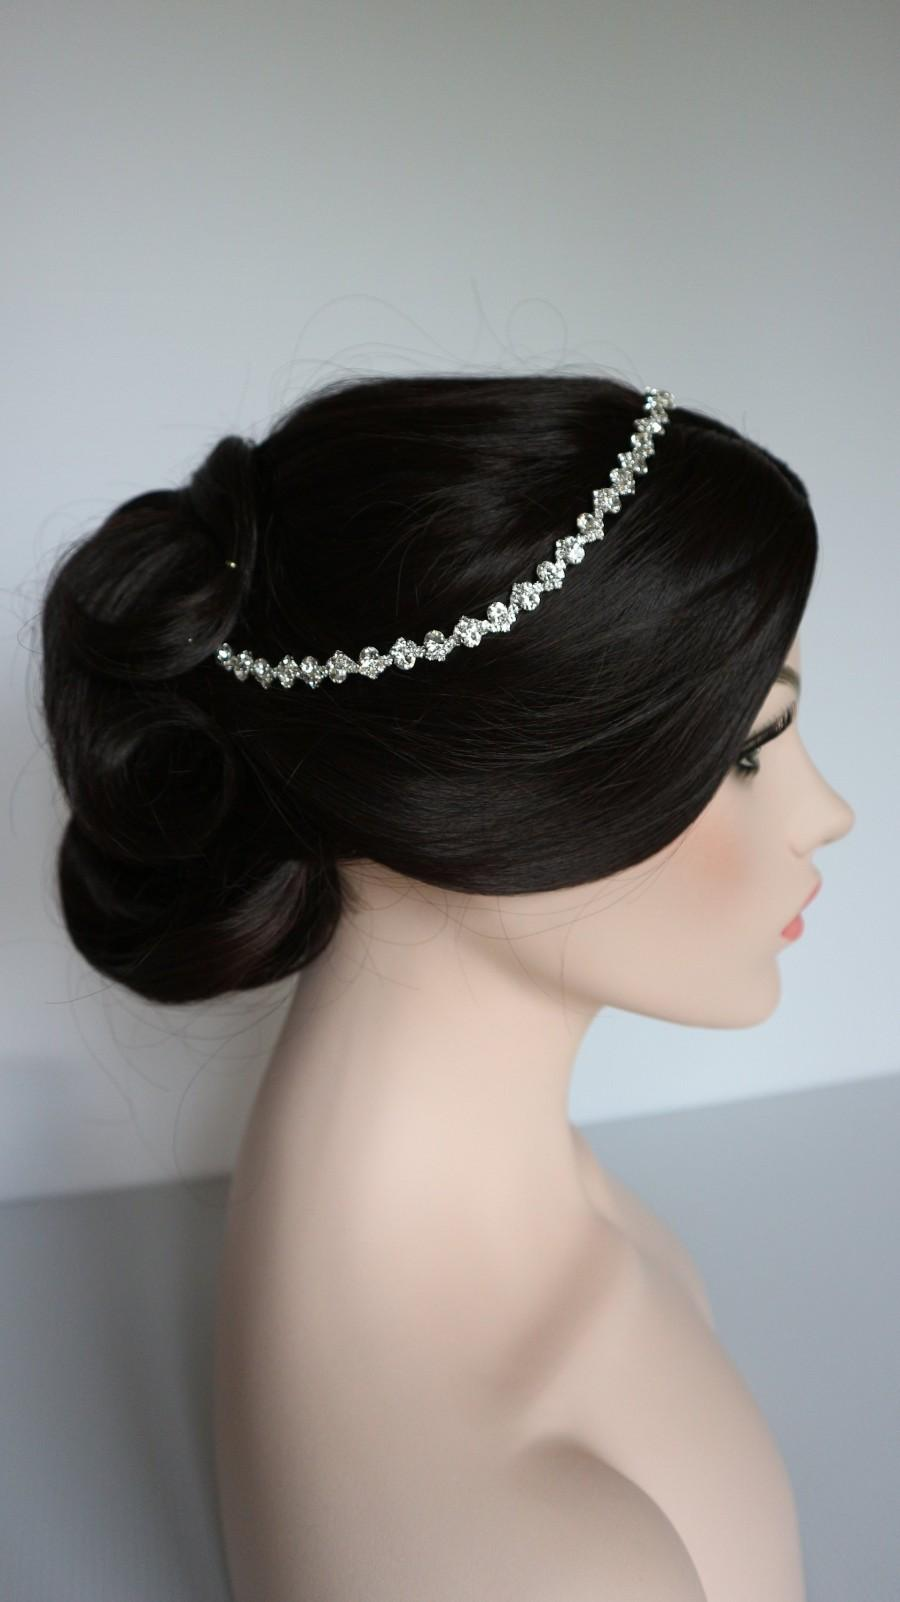 Mariage - Silver Rhinestone Bridal Headband,Bridal Accessories,Wedding Accessories,Crystal Wedding Hairband,Bridal Headpiece,#H31